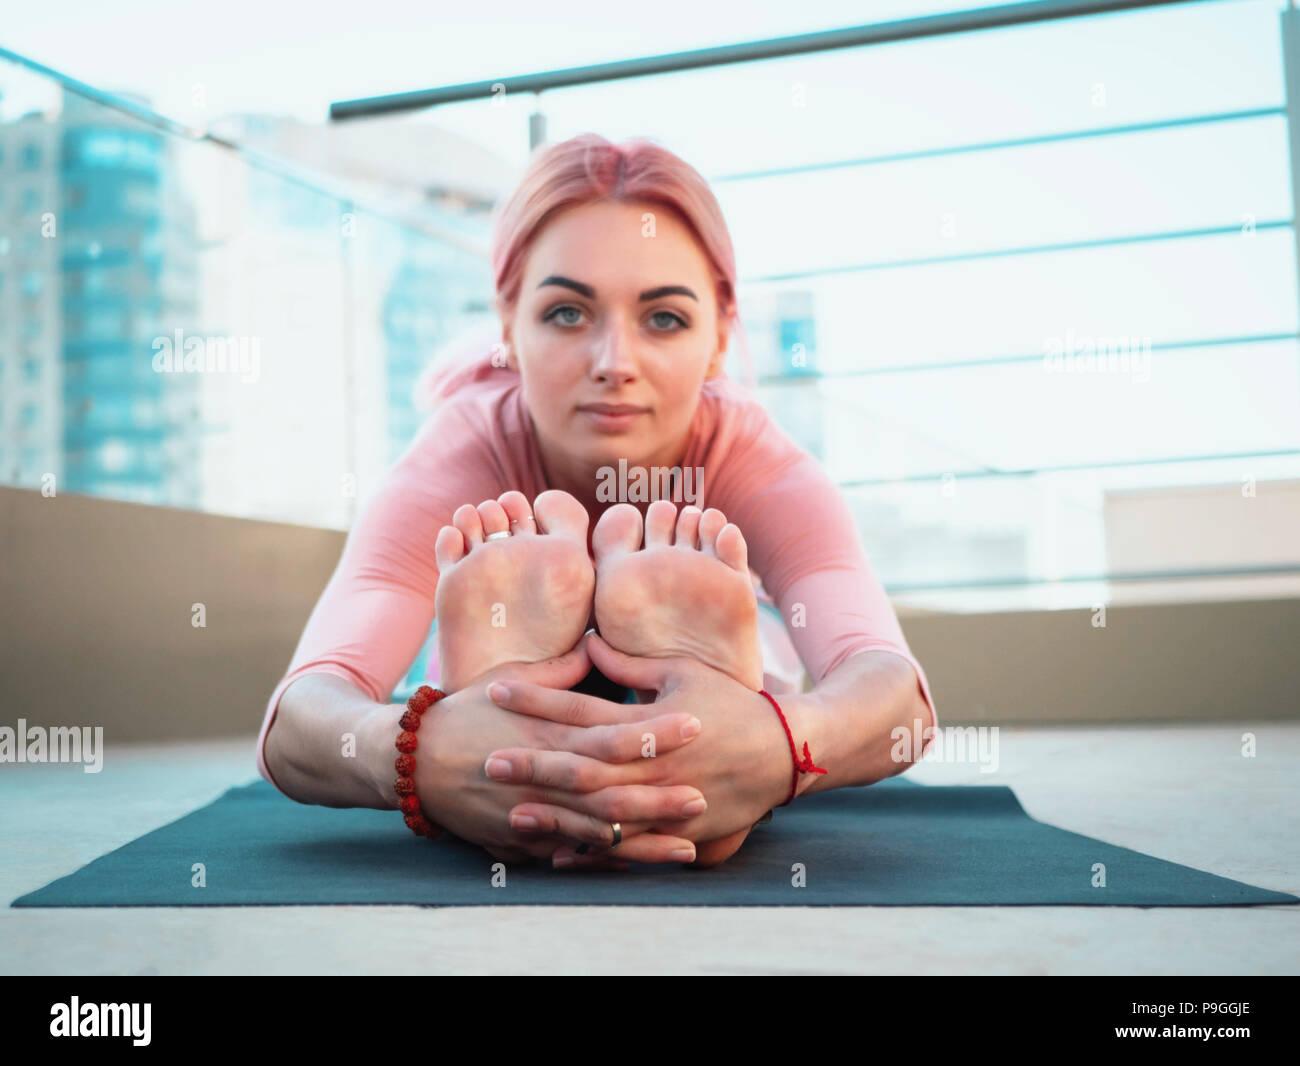 Junge schlanke Frau mit rosa gefärbten Haaren Yoga Praxis auf der Terrasse der modernen Stadt. Mädchen halten fit und gesund Körper entspannen Sie auf der Dachterrasse während der Praxis darstellen, Stockbild